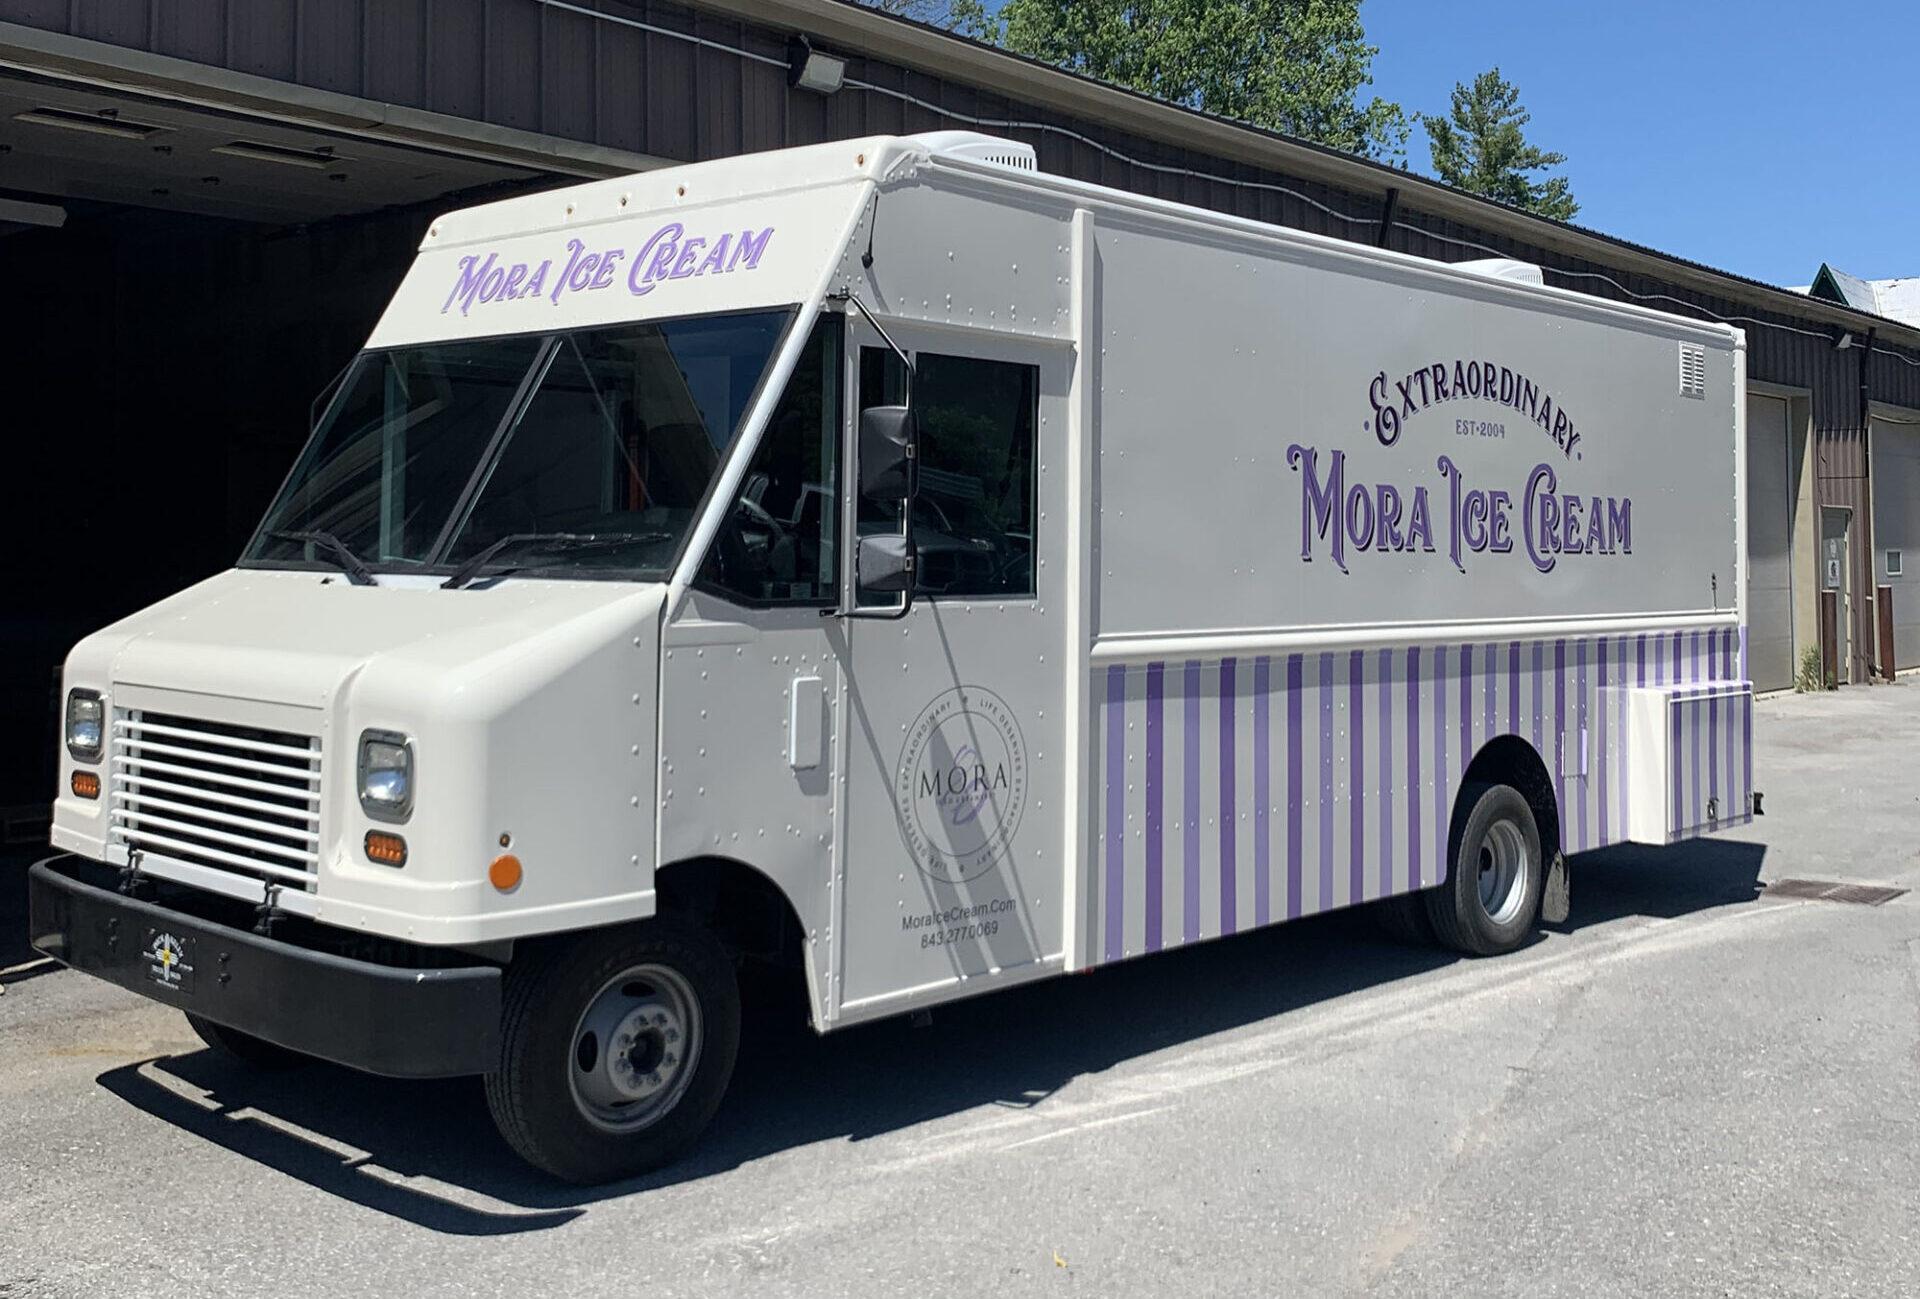 Mora Ice Cream Exterior